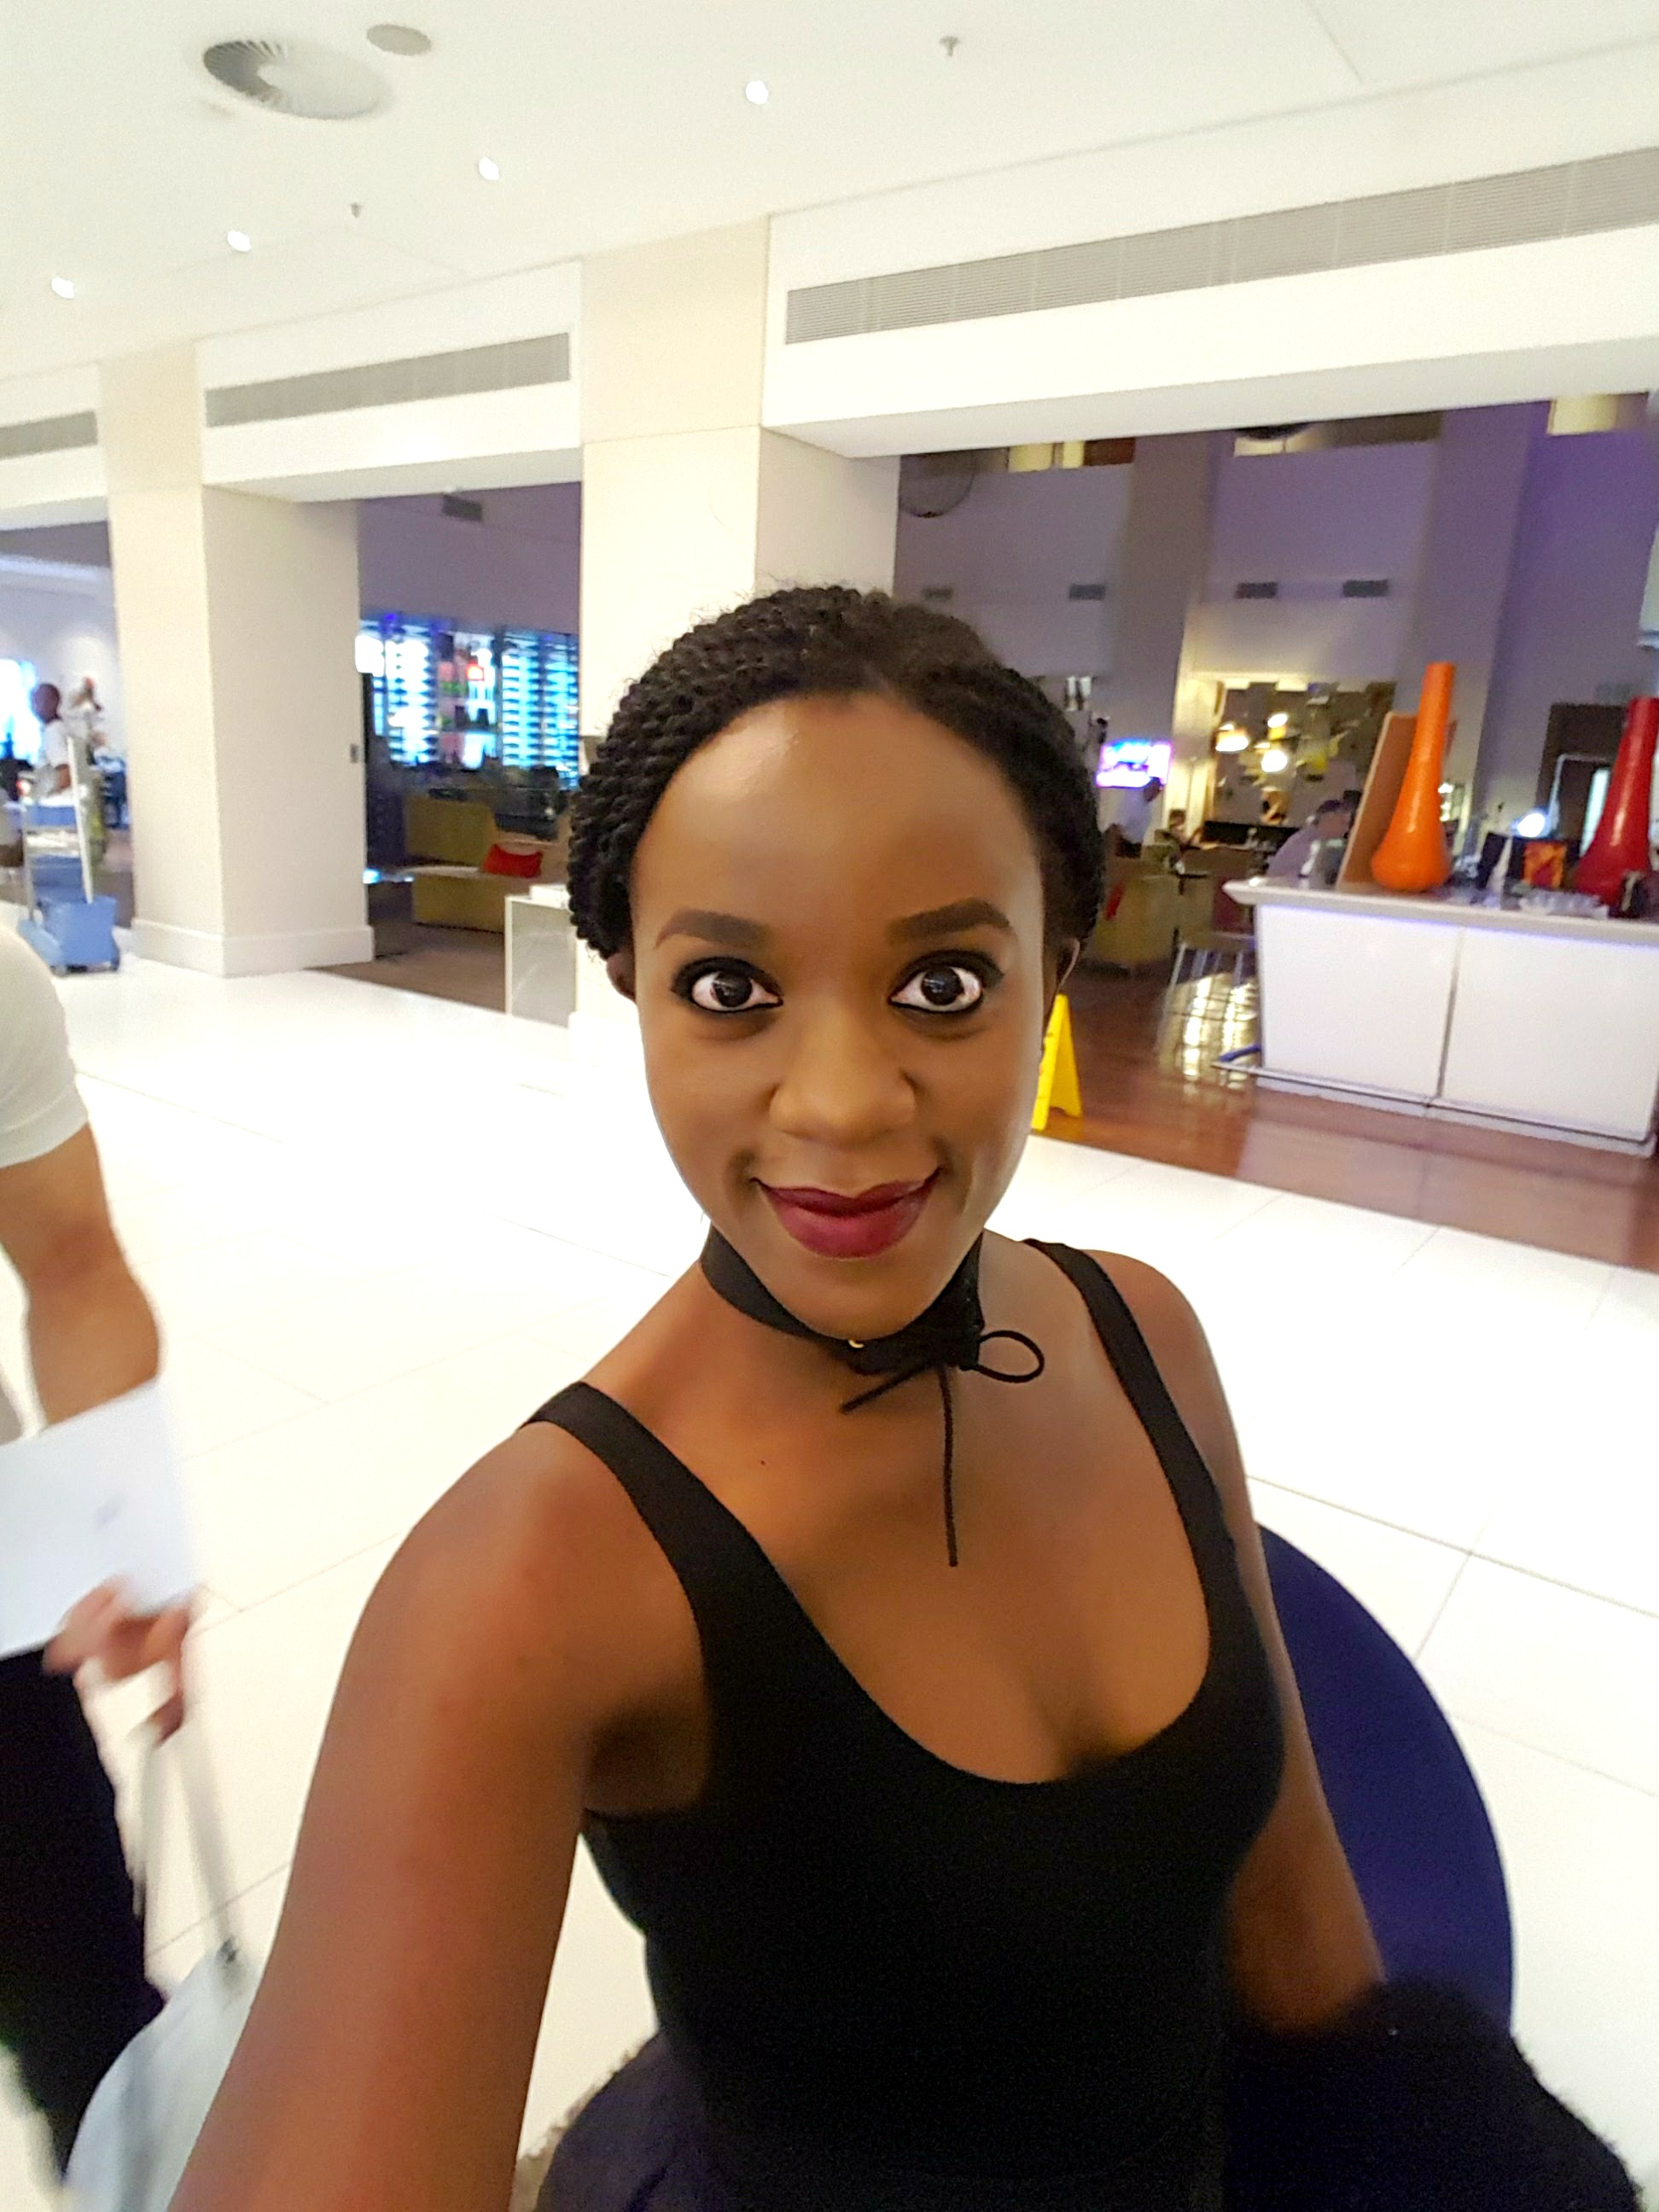 kaluhi-adagala_kaluhi_kaluhiskitchen-com_best-kenyan-food-bloggers_best-kenyan-food-blogs_top-african-food-bloggers_kenyan-bloggers